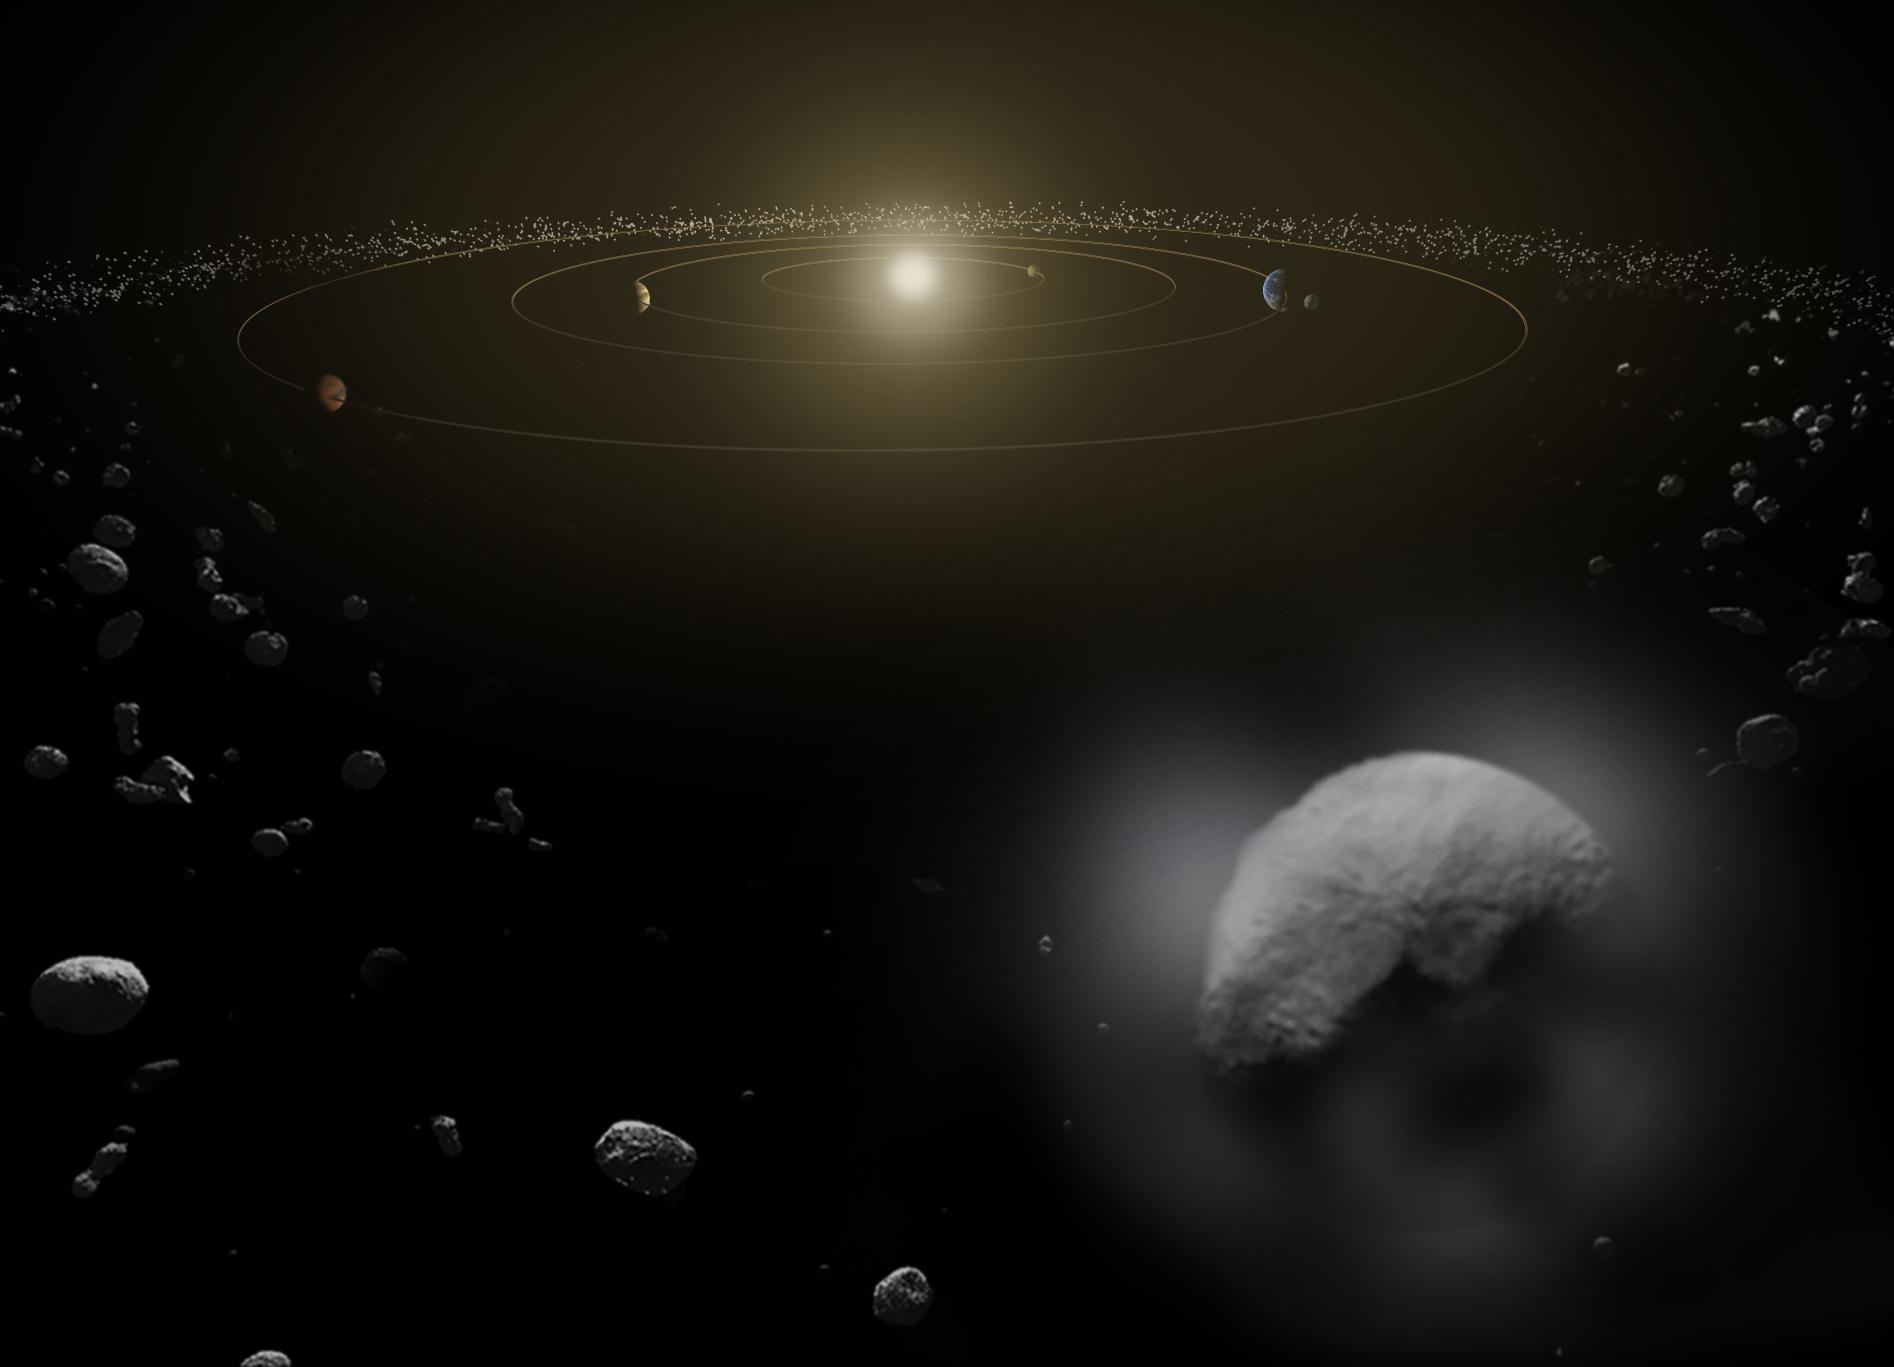 La Nasa a détecté deux points lumineux sur une planète Artist_s_impression_of_Ceres